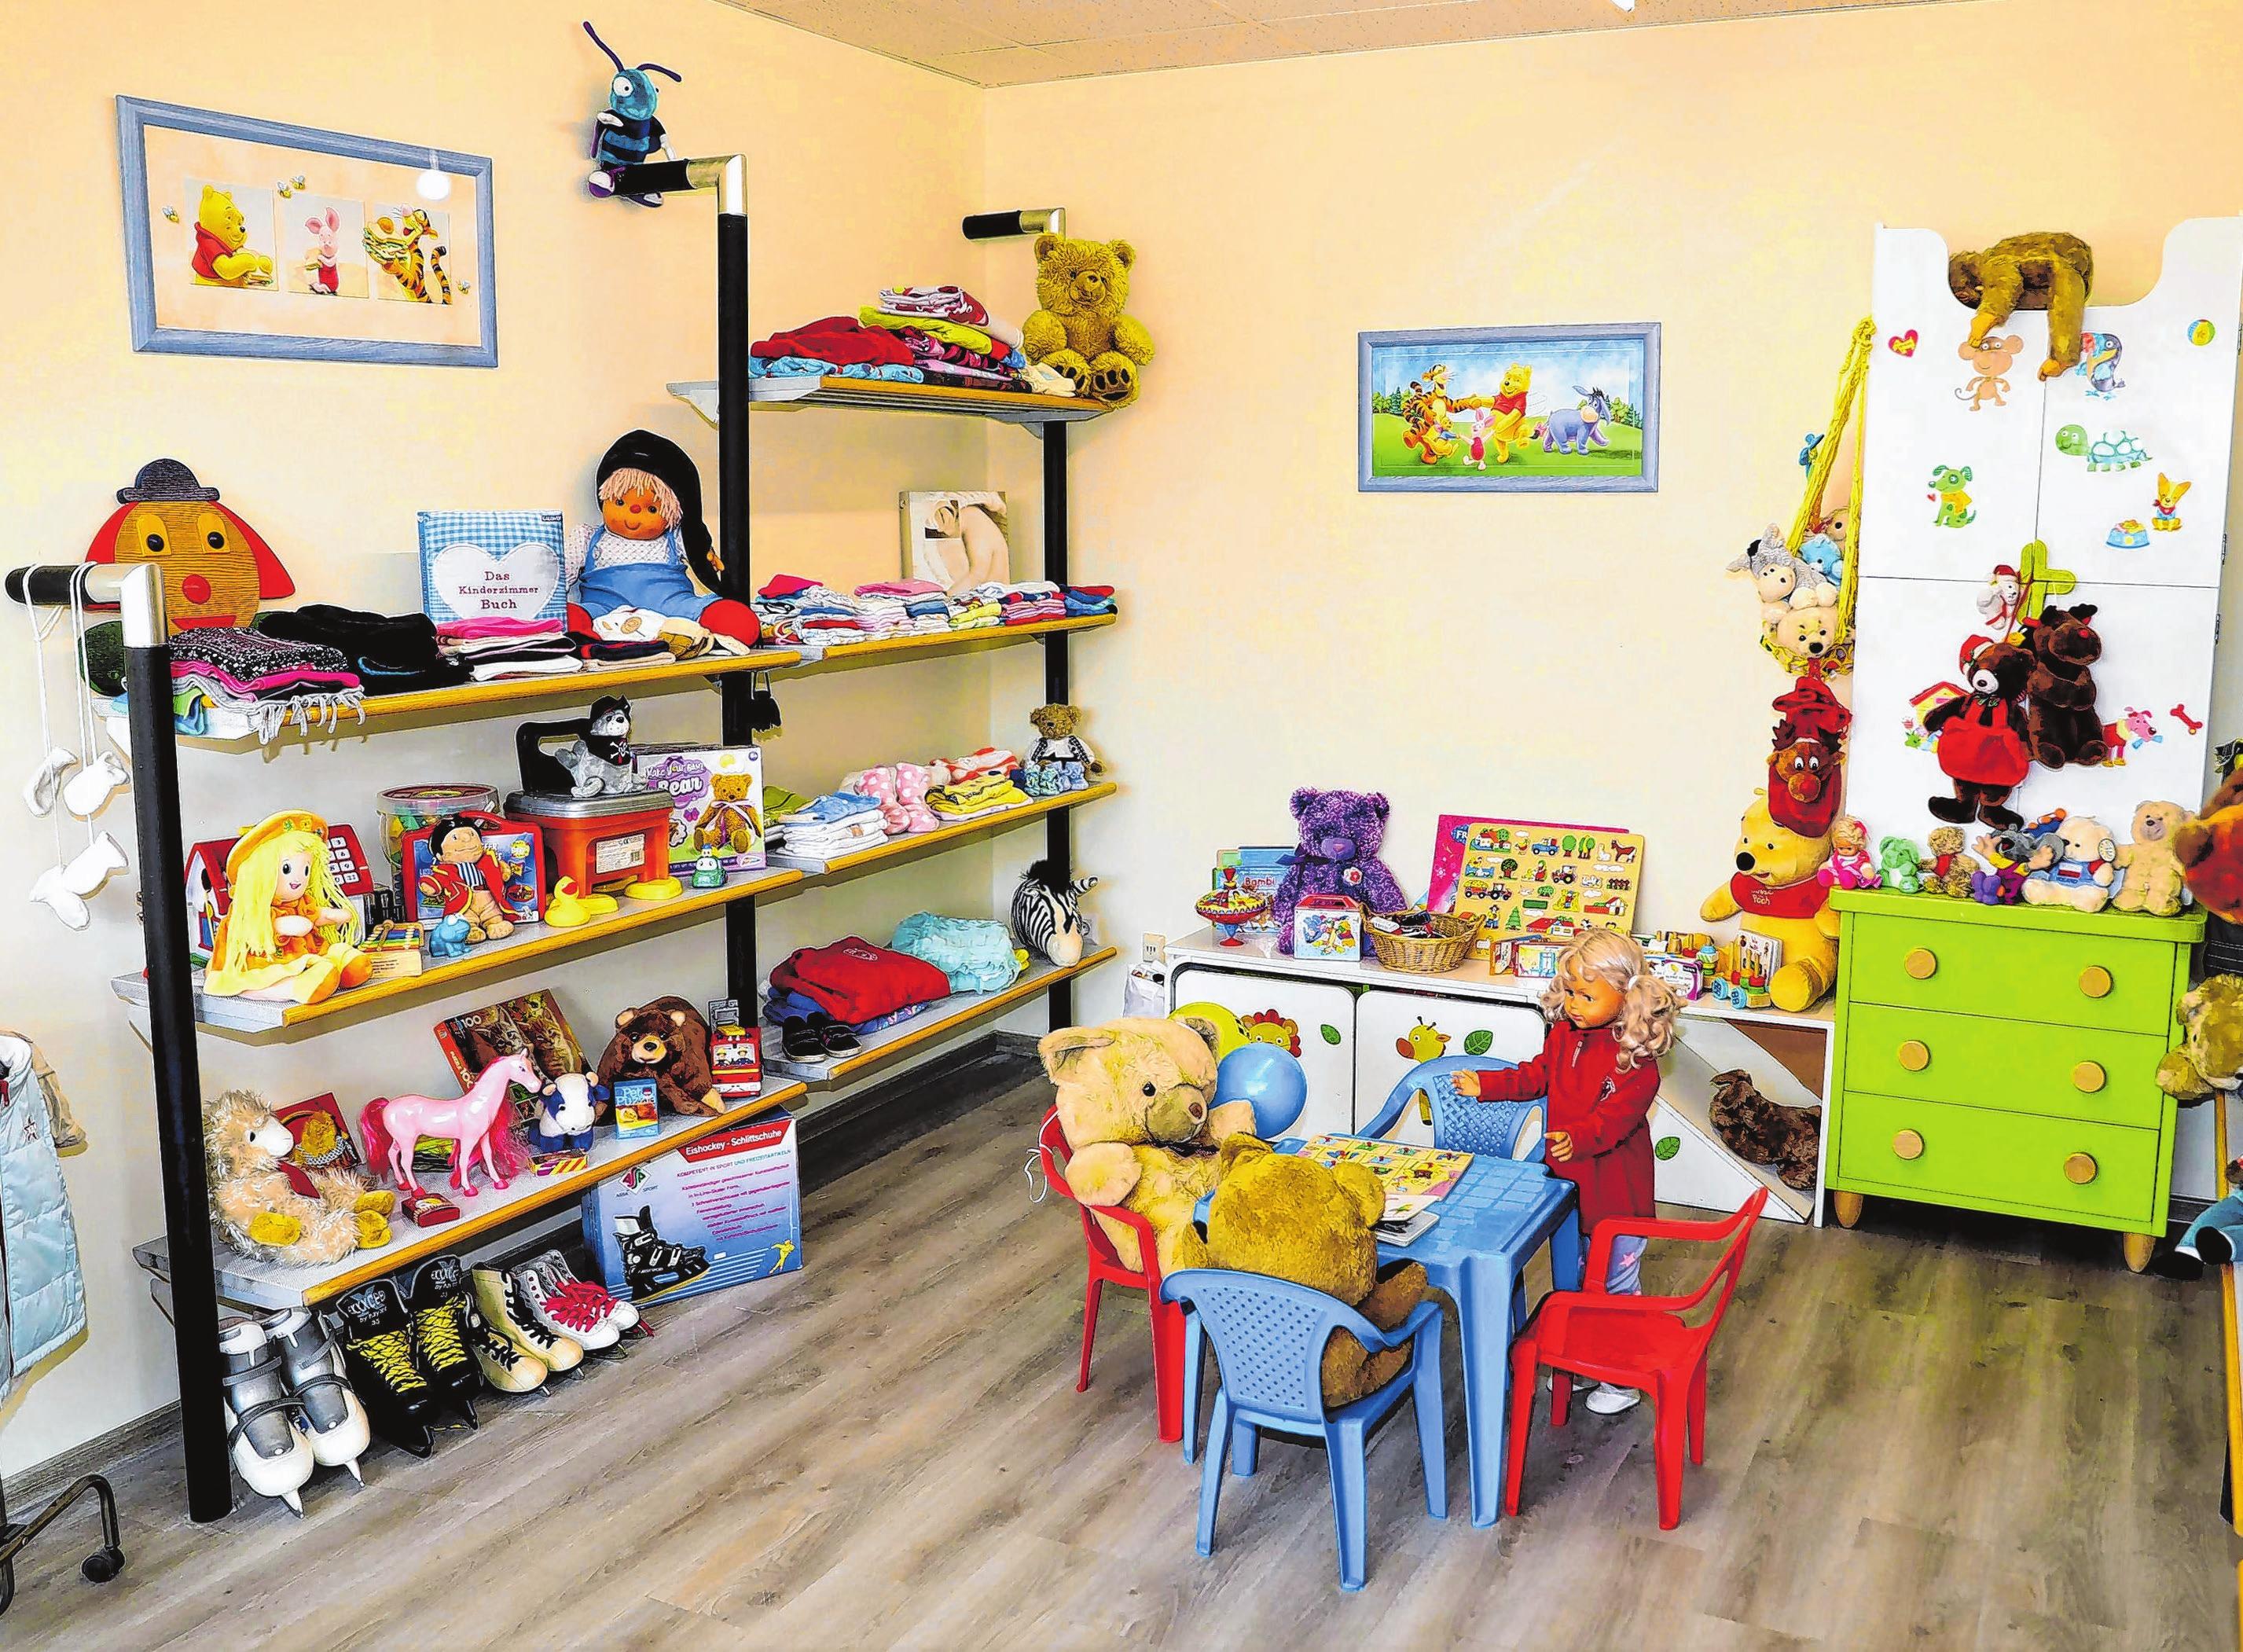 In der Abteilung für Kinder sind Möbel, Bekleidung und Spielsachen zu haben.